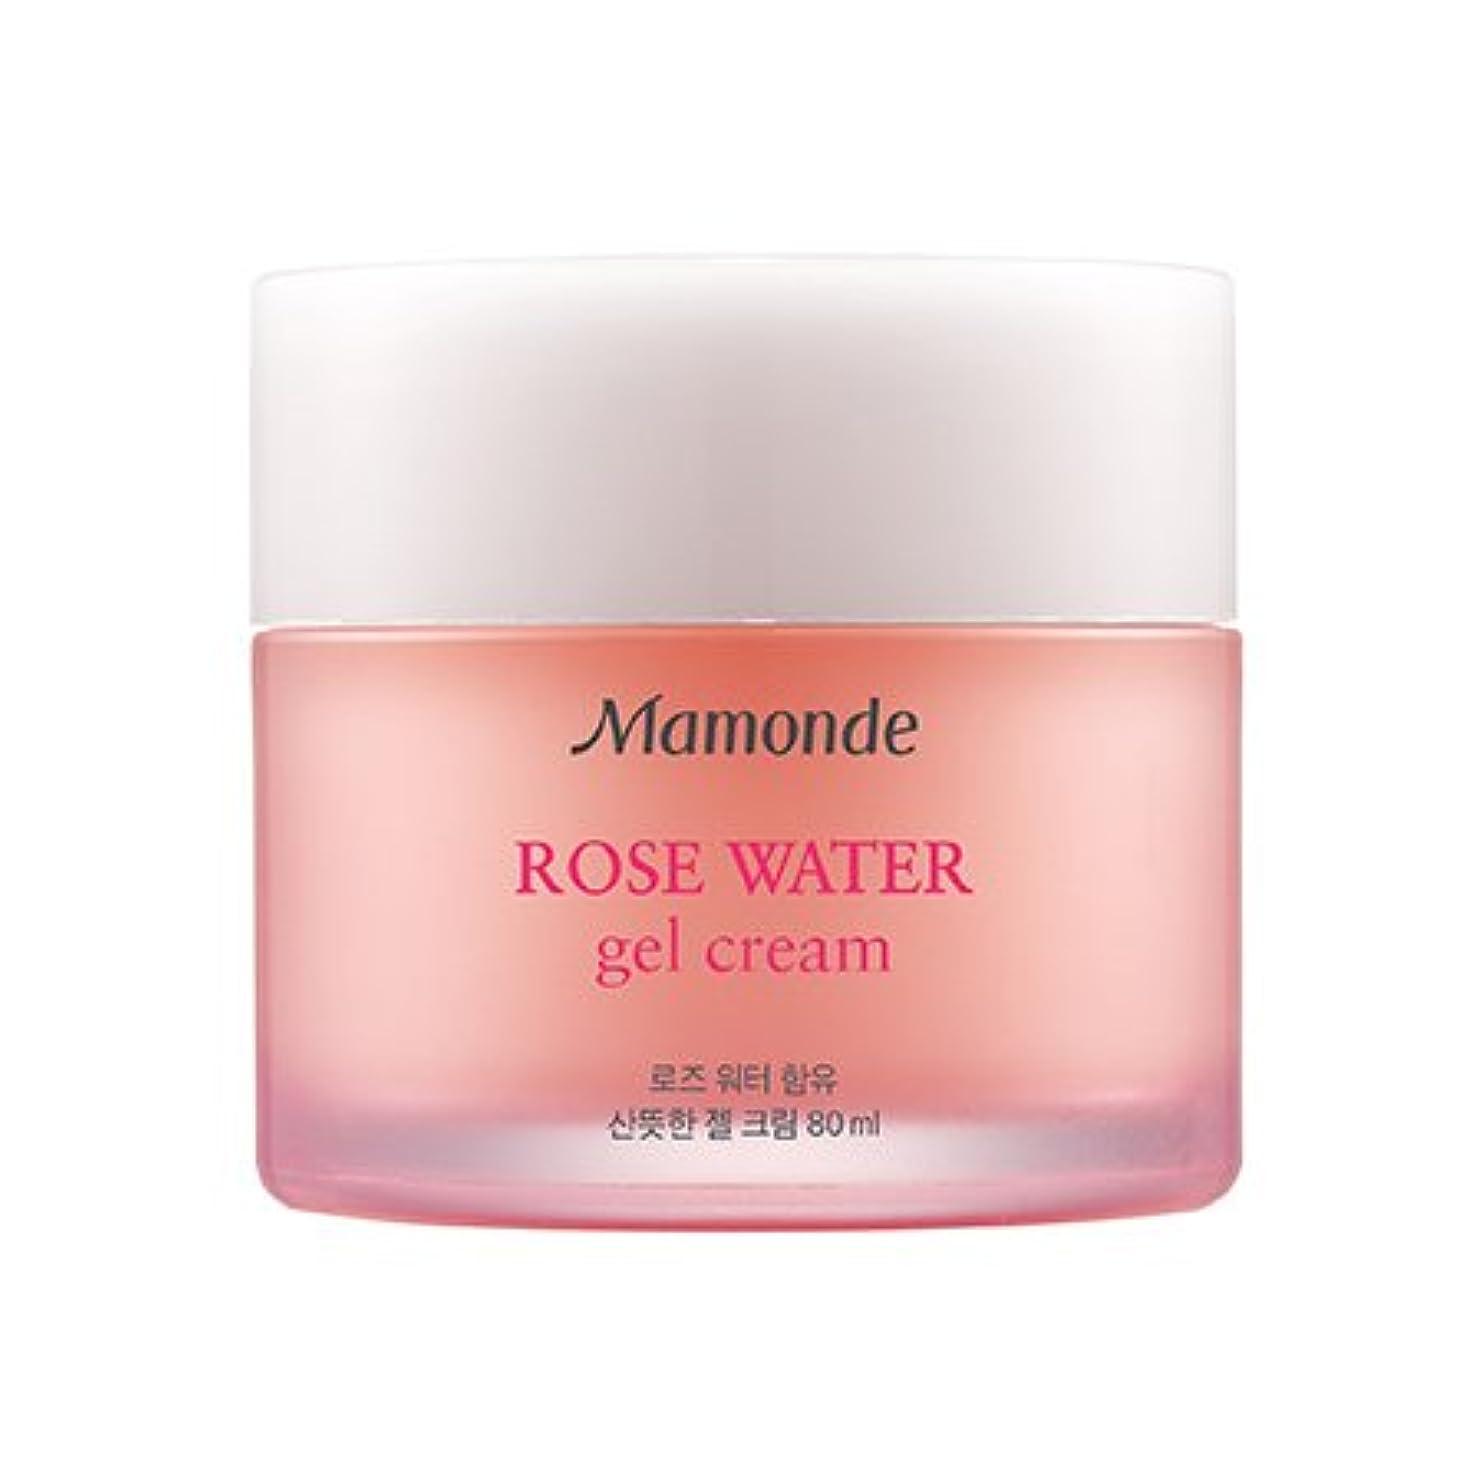 博物館取り替える怖がって死ぬMamonde Rose Water Gel Cream 80ml/マモンド ローズ ウォーター ジェル クリーム 80ml [並行輸入品]